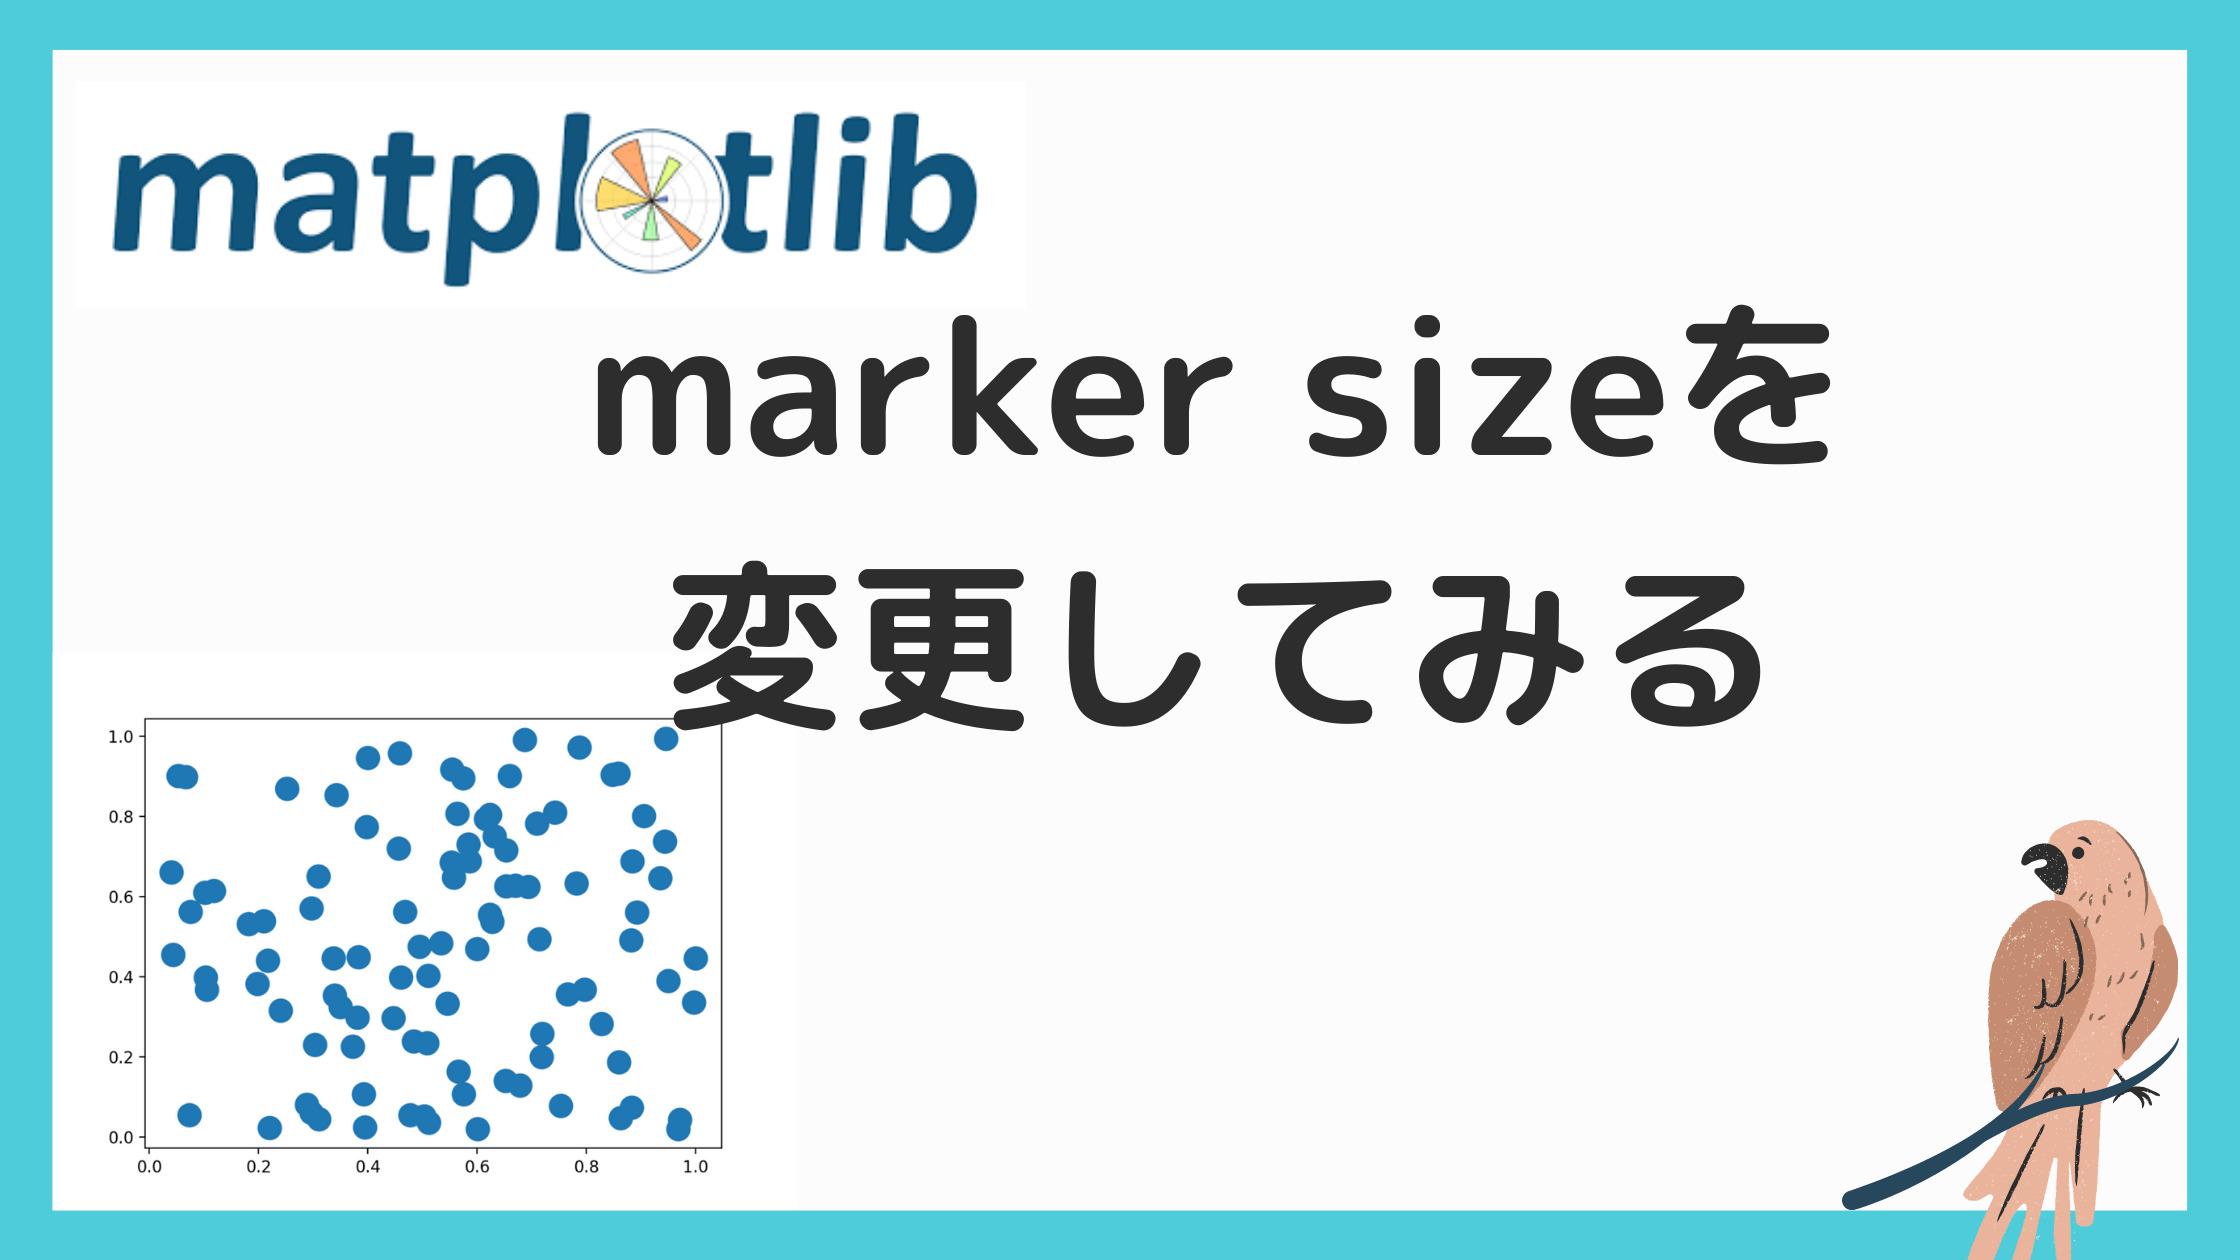 matplotlibのmarker-sizeの記事のアイキャッチ